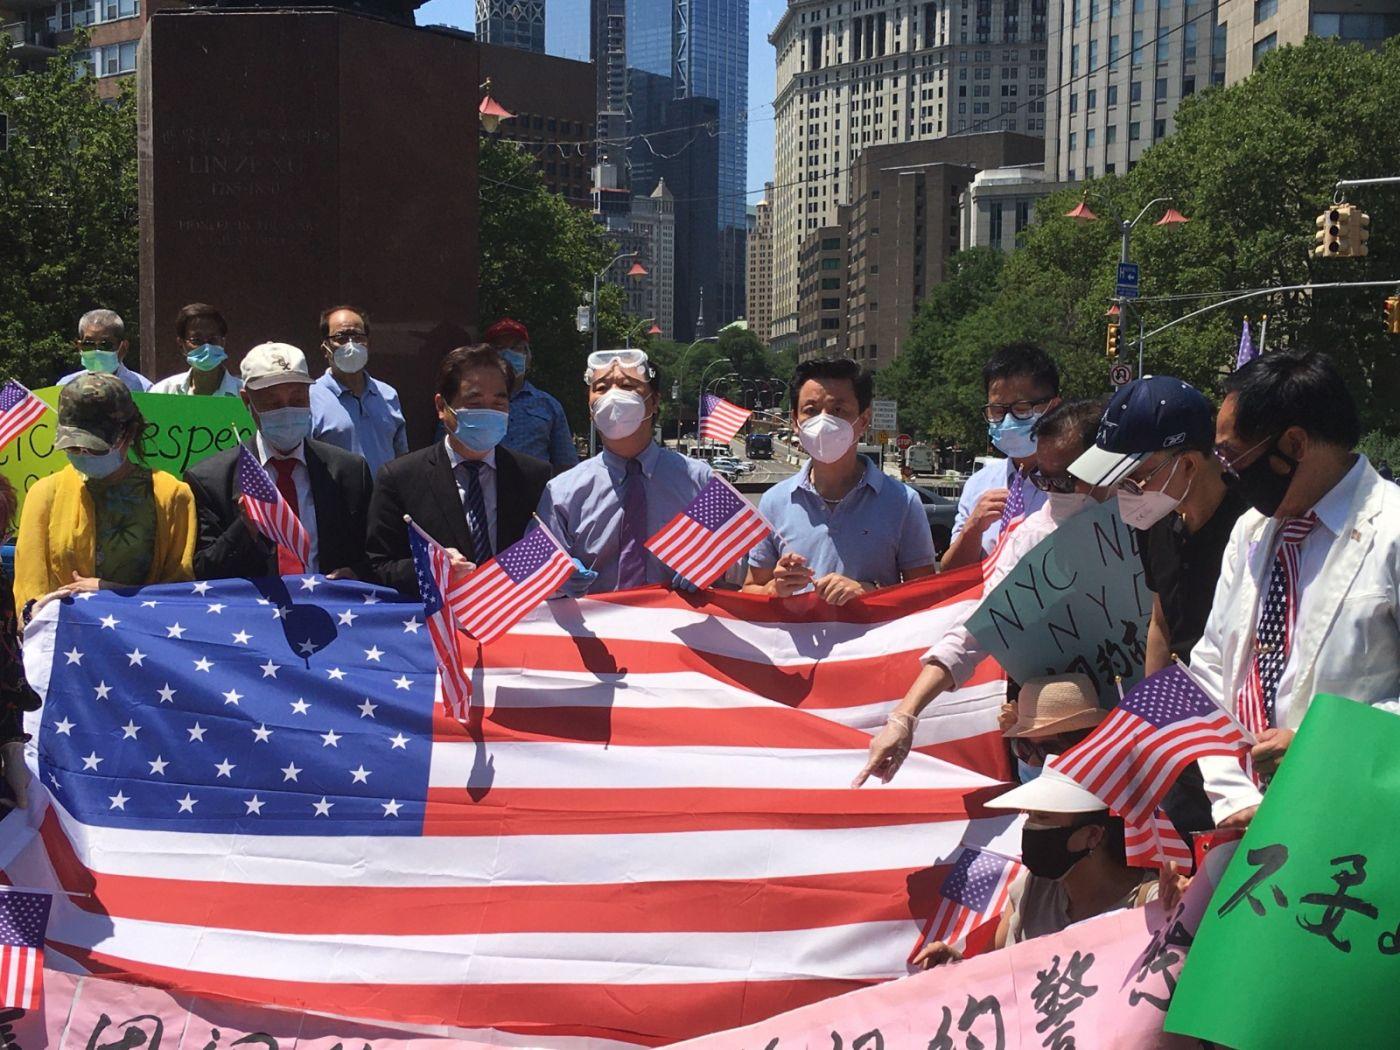 纽约华埠侨团声援支持纽约警察活动_图1-8